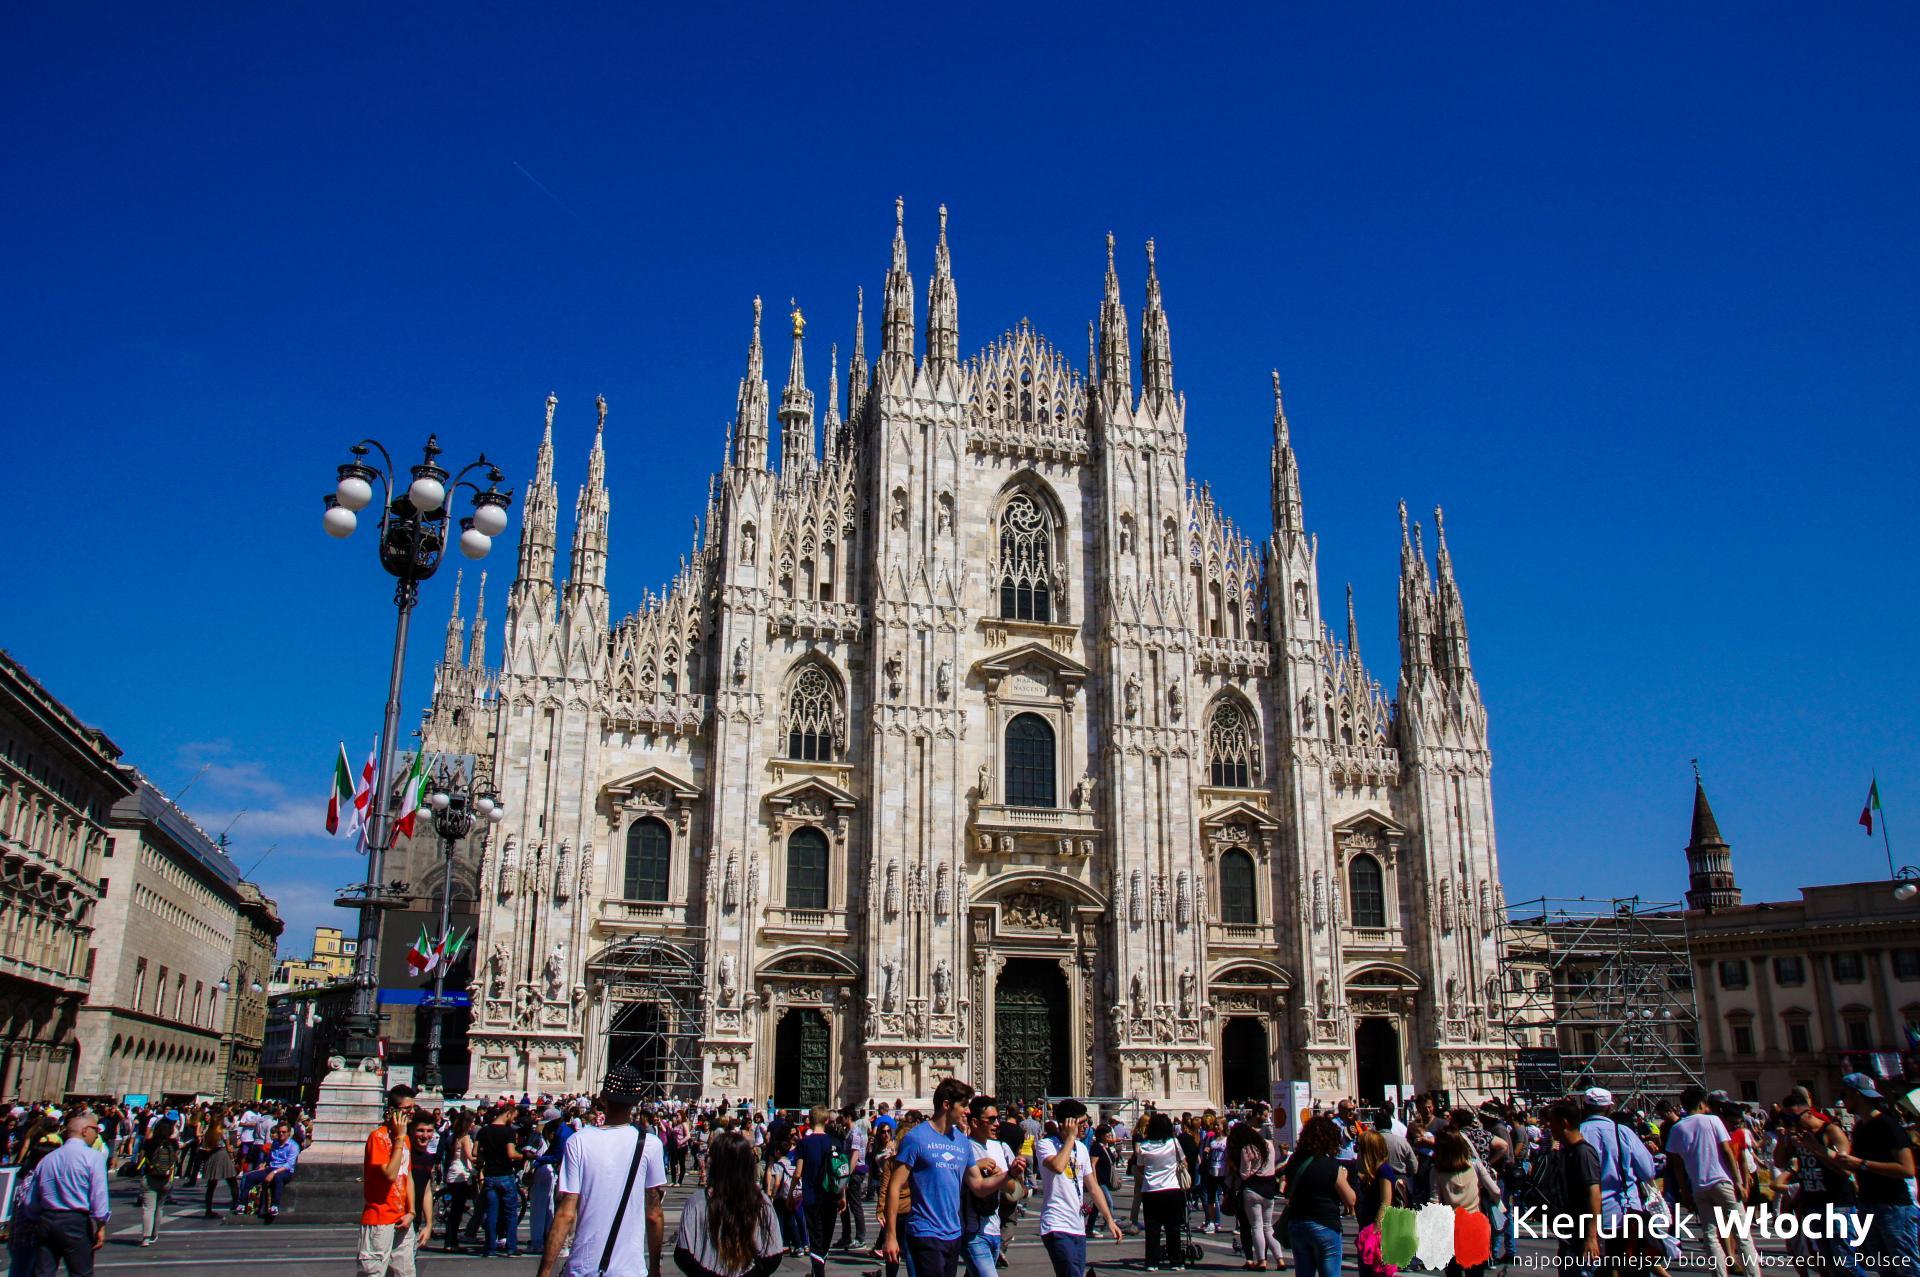 Piazza del Duomo, Mediolan, Lombardia, Włochy (fot. Łukasz Ropczyński, kierunekwlochy.pl)